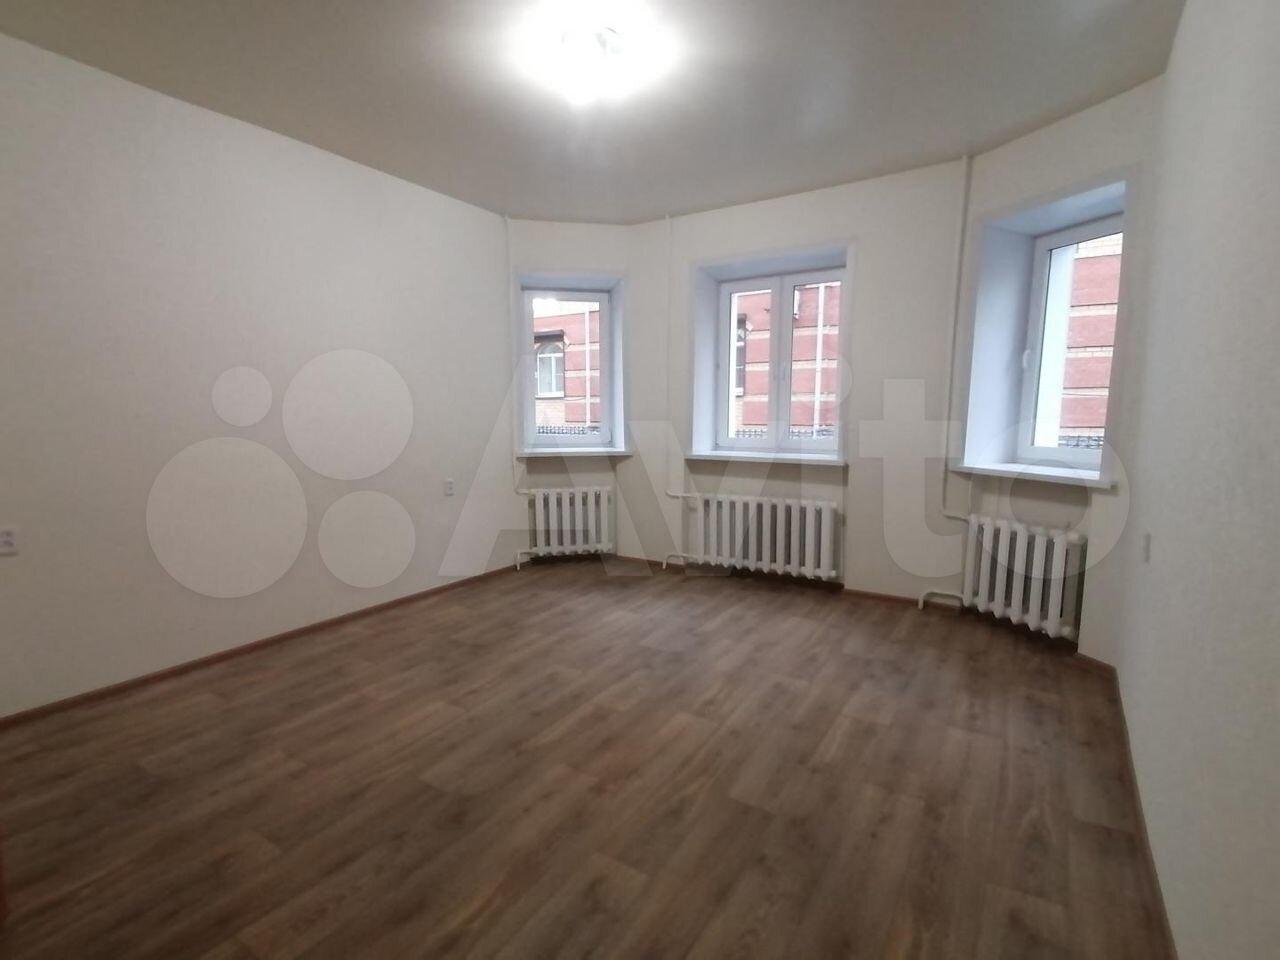 2-к квартира, 60 м², 1/4 эт.  89127016823 купить 1